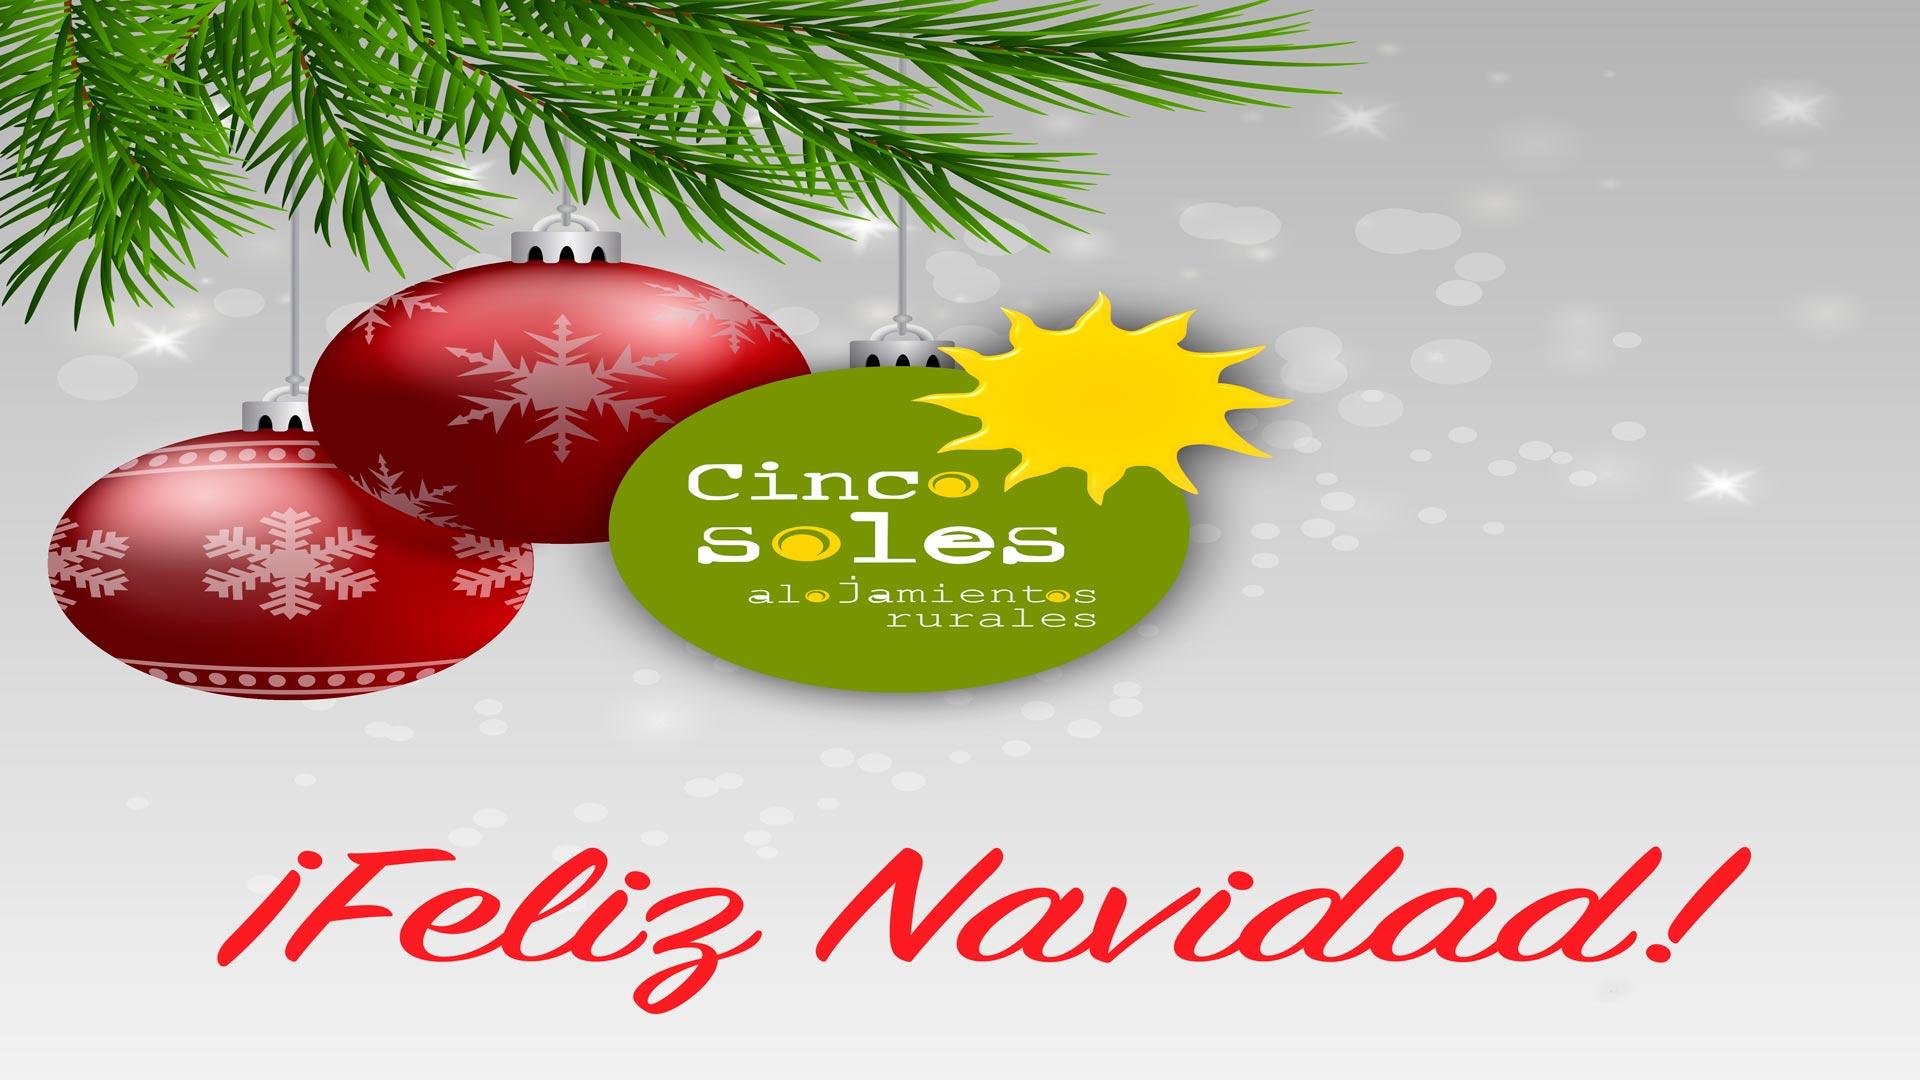 Feliz-Navidad-Cinco-Soles1920